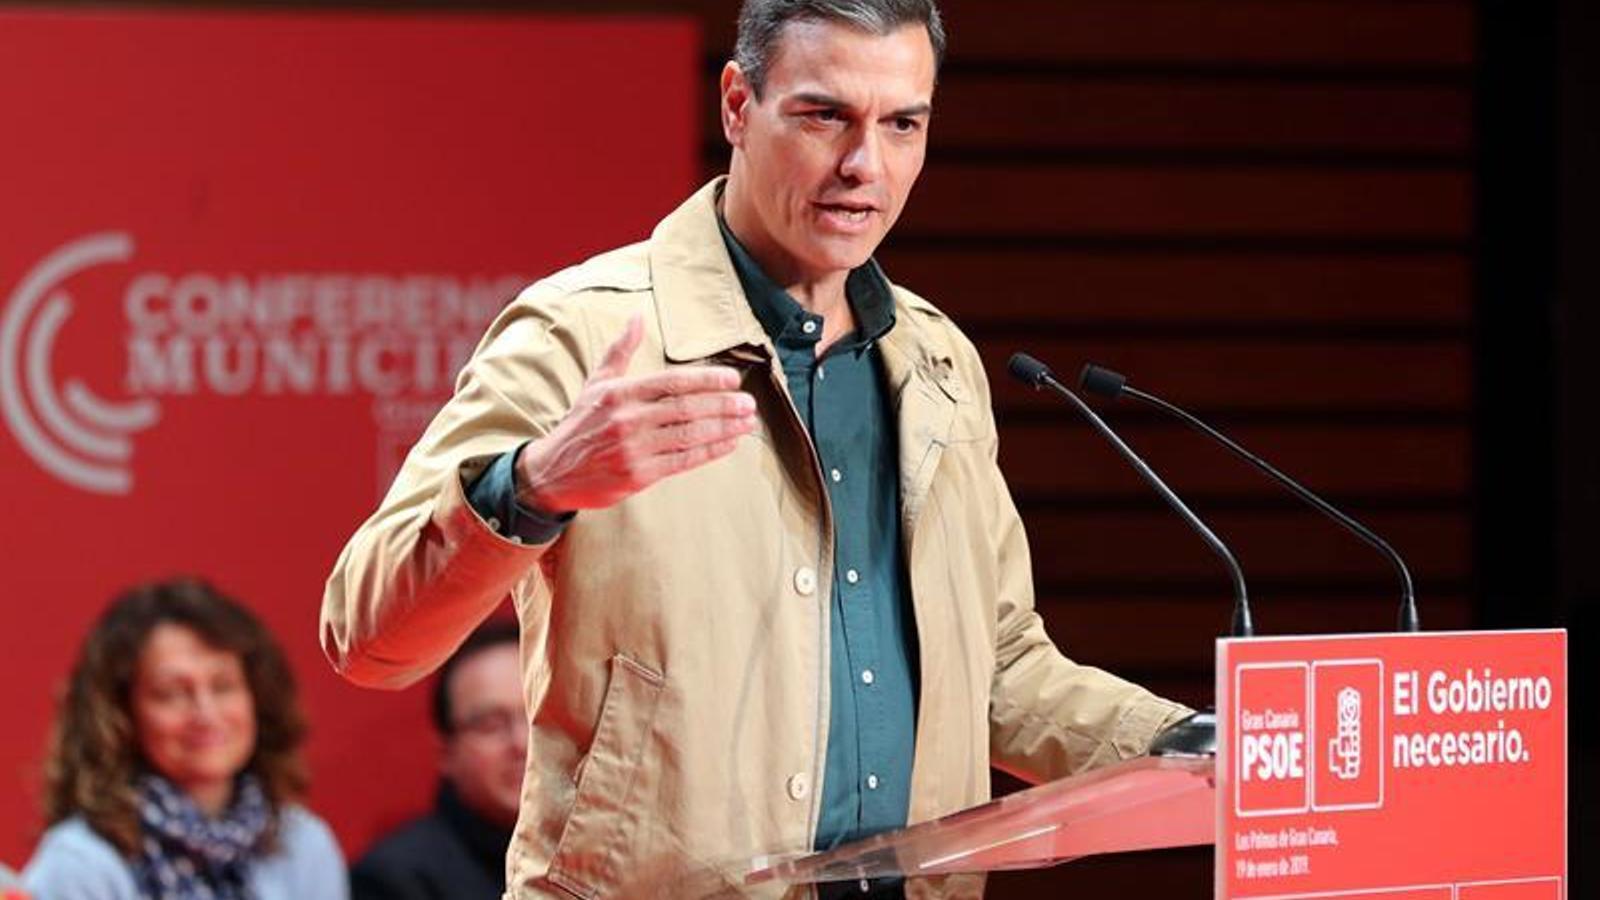 """Sánchez se situa en la """"moderació"""" davant d'una dreta radicalitzada que només crida """"Visca Espanya"""""""